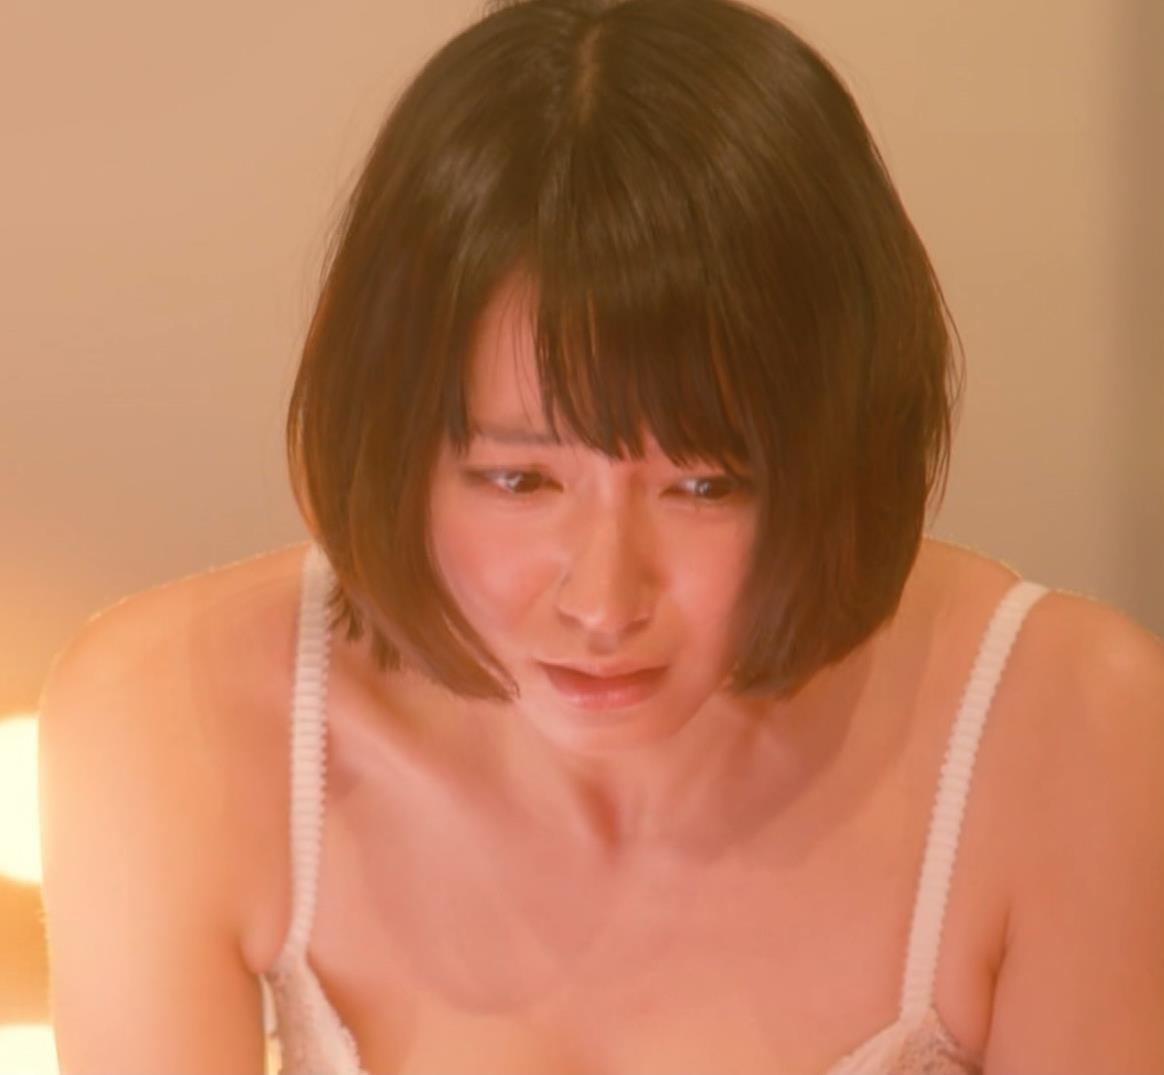 吉岡里帆 (エロドラマ) ブラジャー姿でおっぱいプルプルしている(GIF動画あり)キャプ・エロ画像20